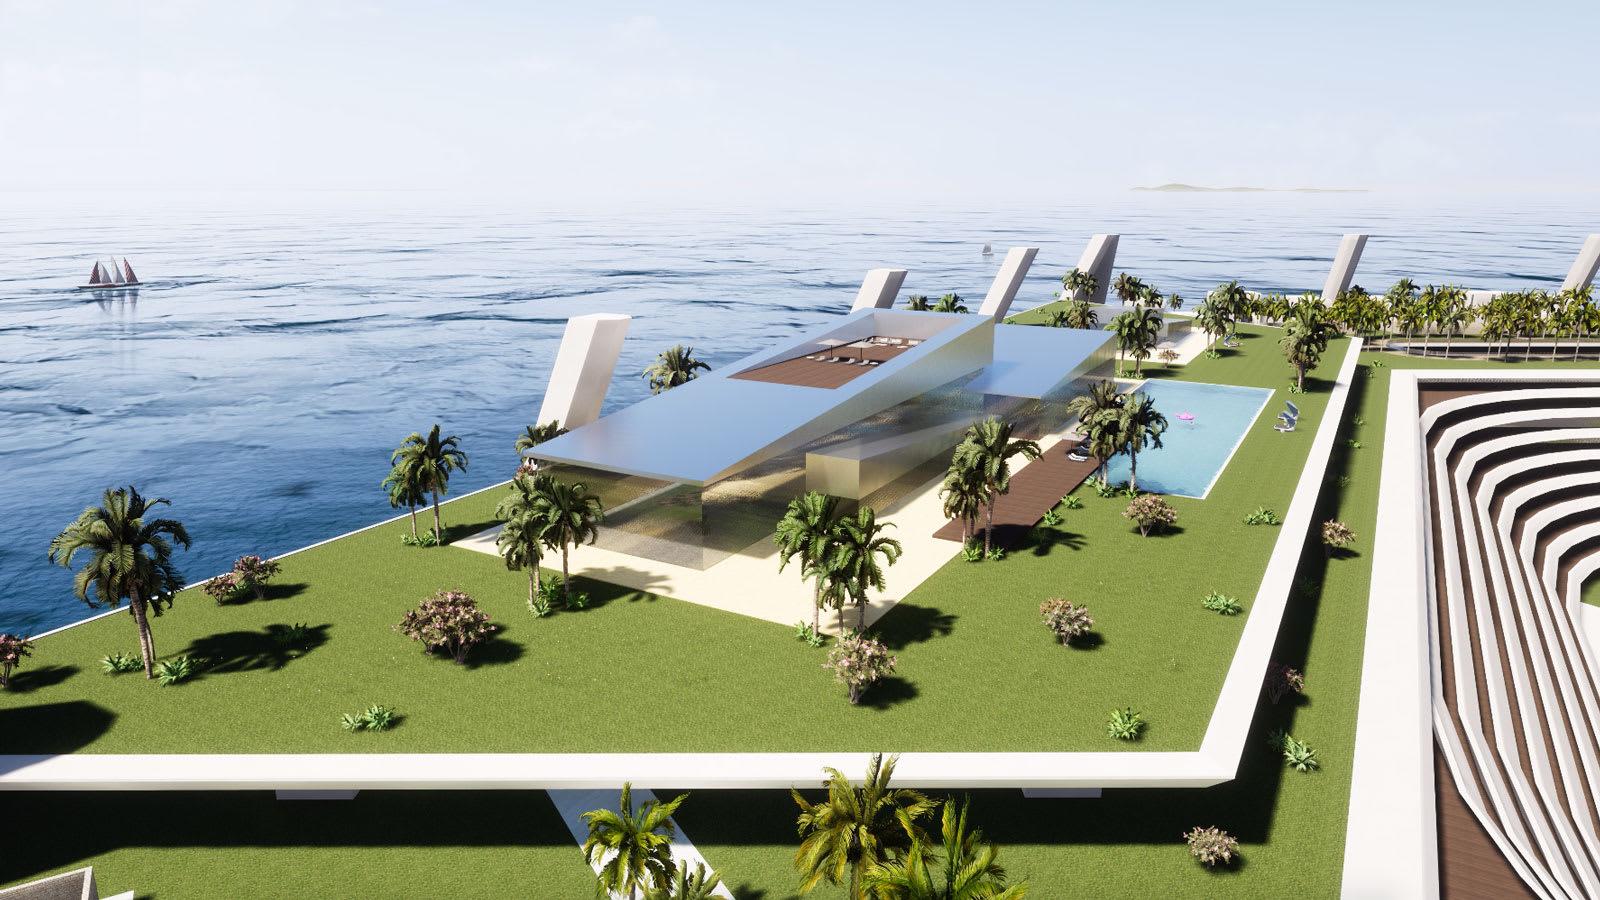 في هذه الجزيرة الاصطناعية الفاخرة.. يفوق سعر المنازل مليار دولار